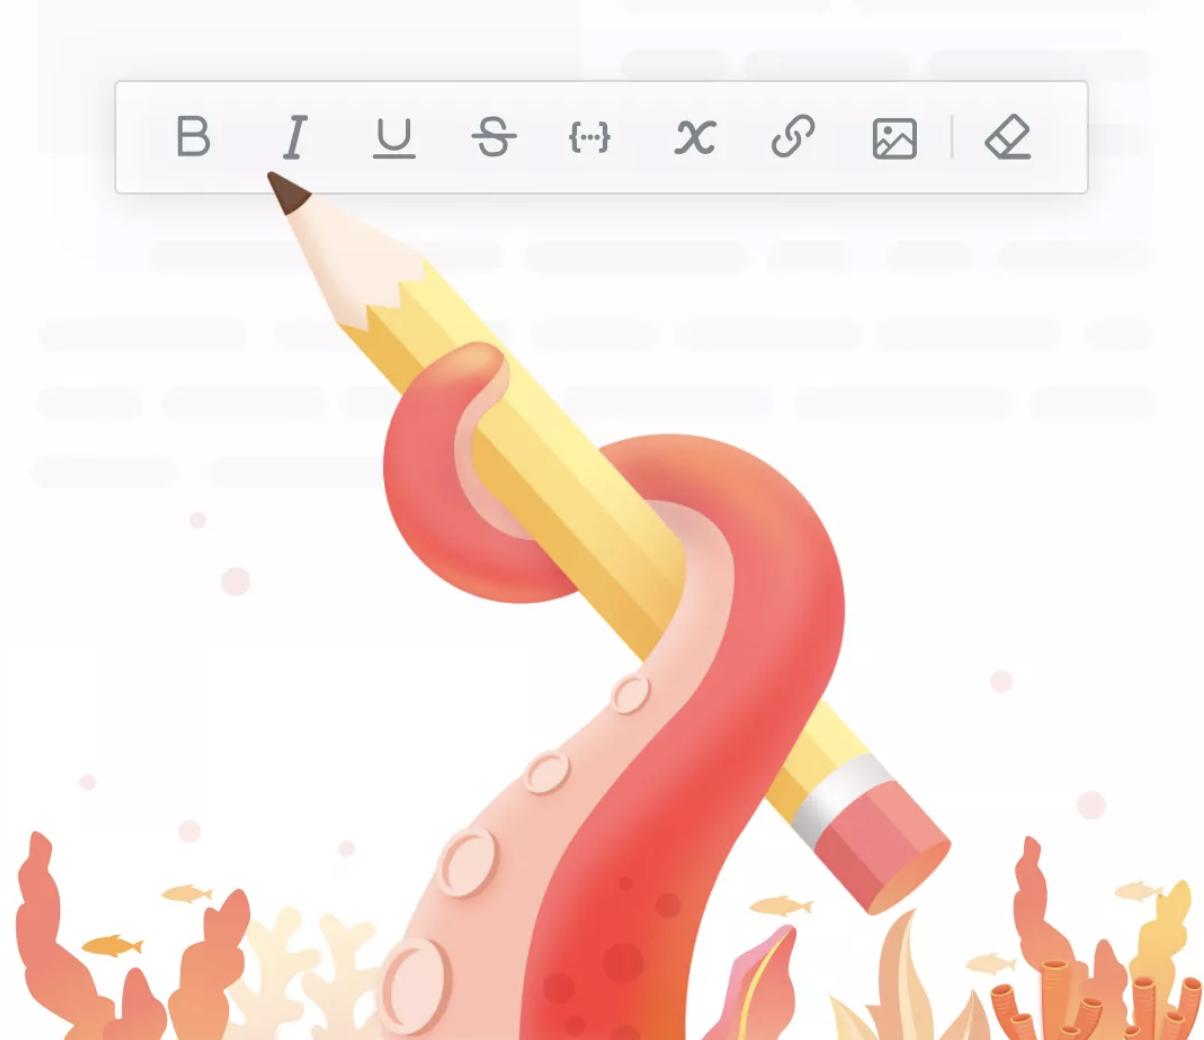 石墨文档推出笔记应用「小章鱼」,它的体验如何?(内含福利)_Pro